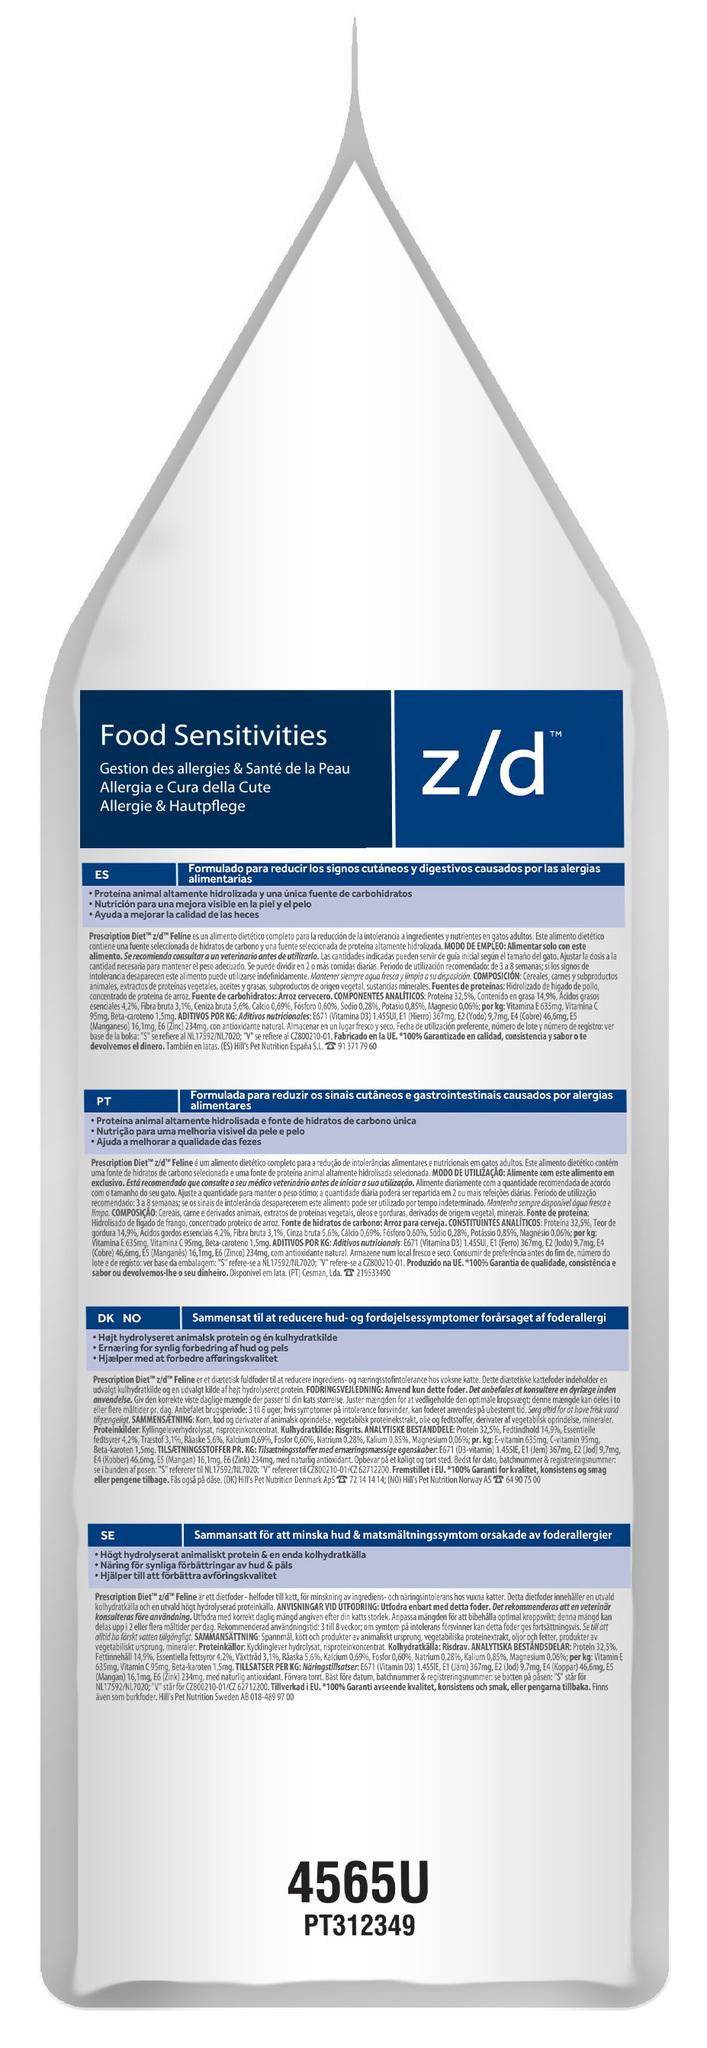 купить хиллс Hill's™ Prescription Diet™ Feline z/d™ Food Sensitivities сухой корм для взрослых кошек, диетический рацион при пищевых аллергиях 2 кг